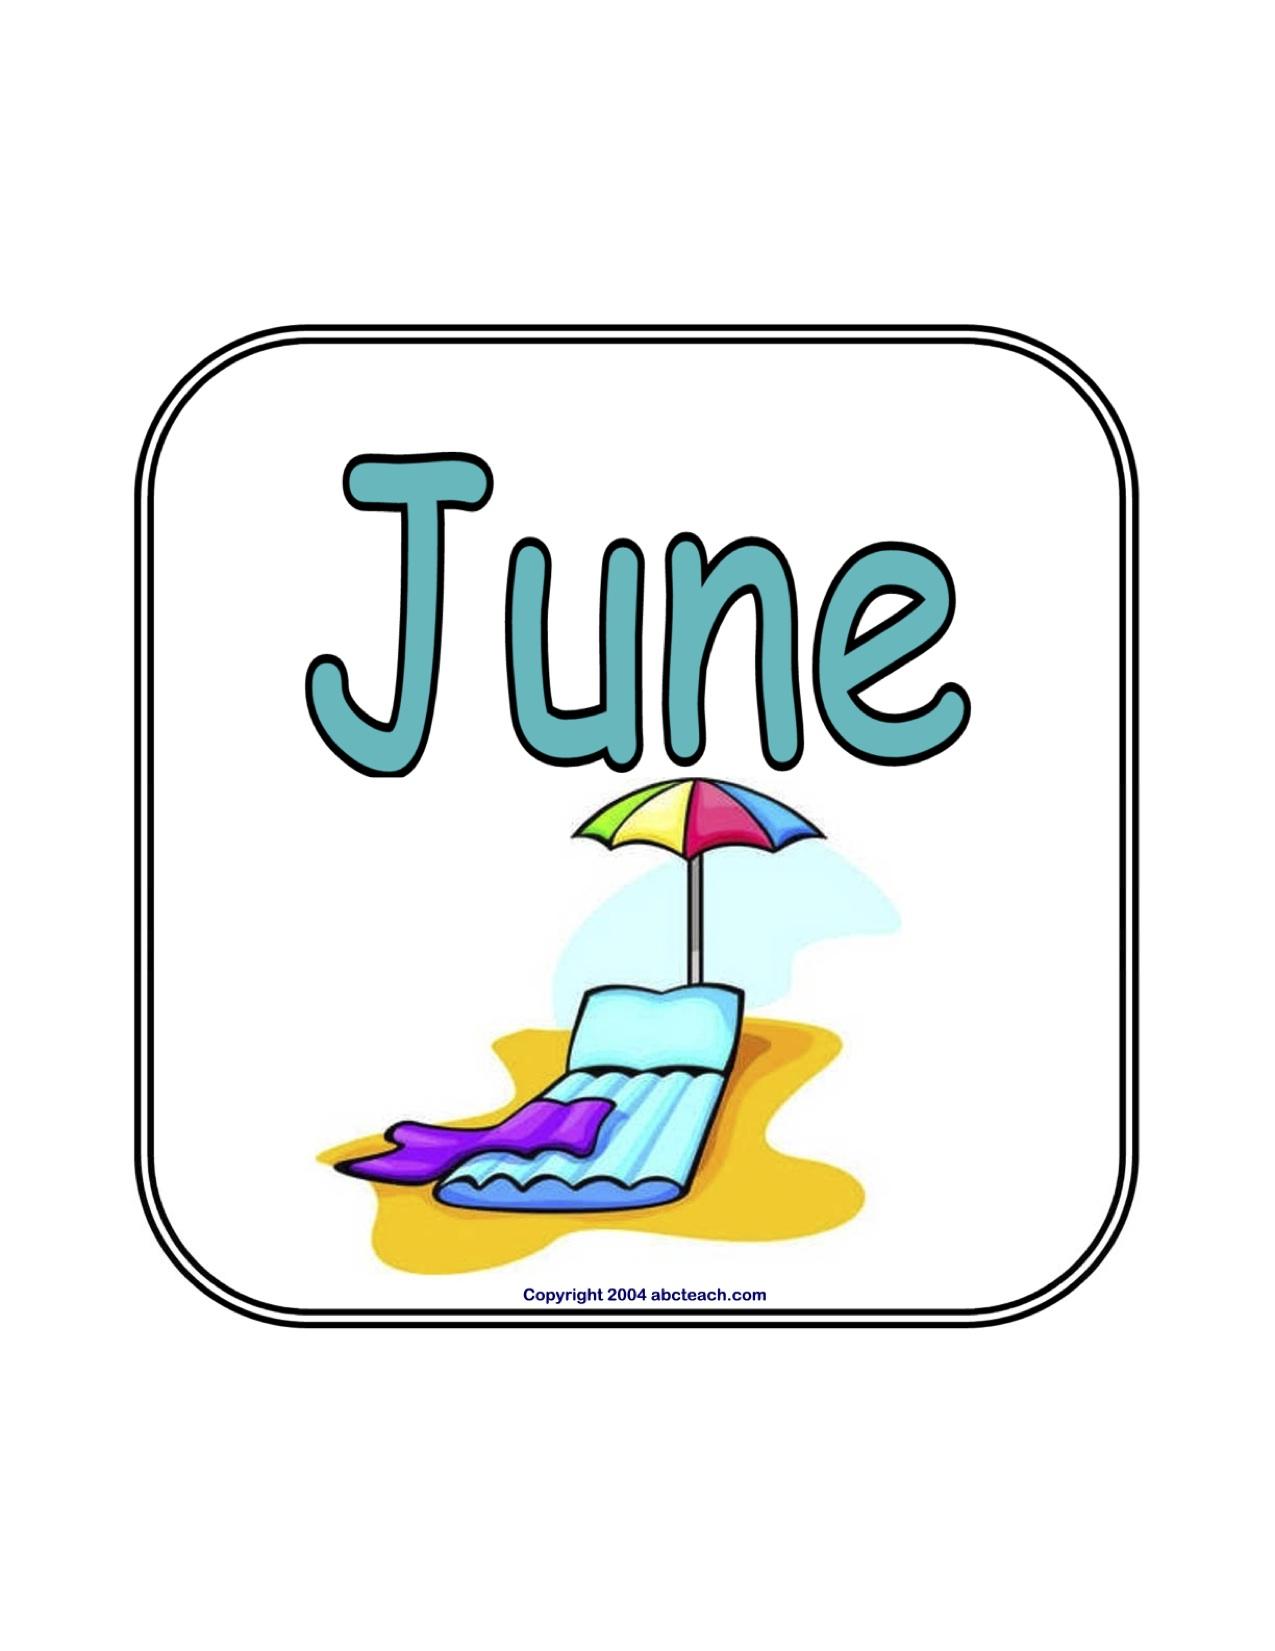 June Finales 1